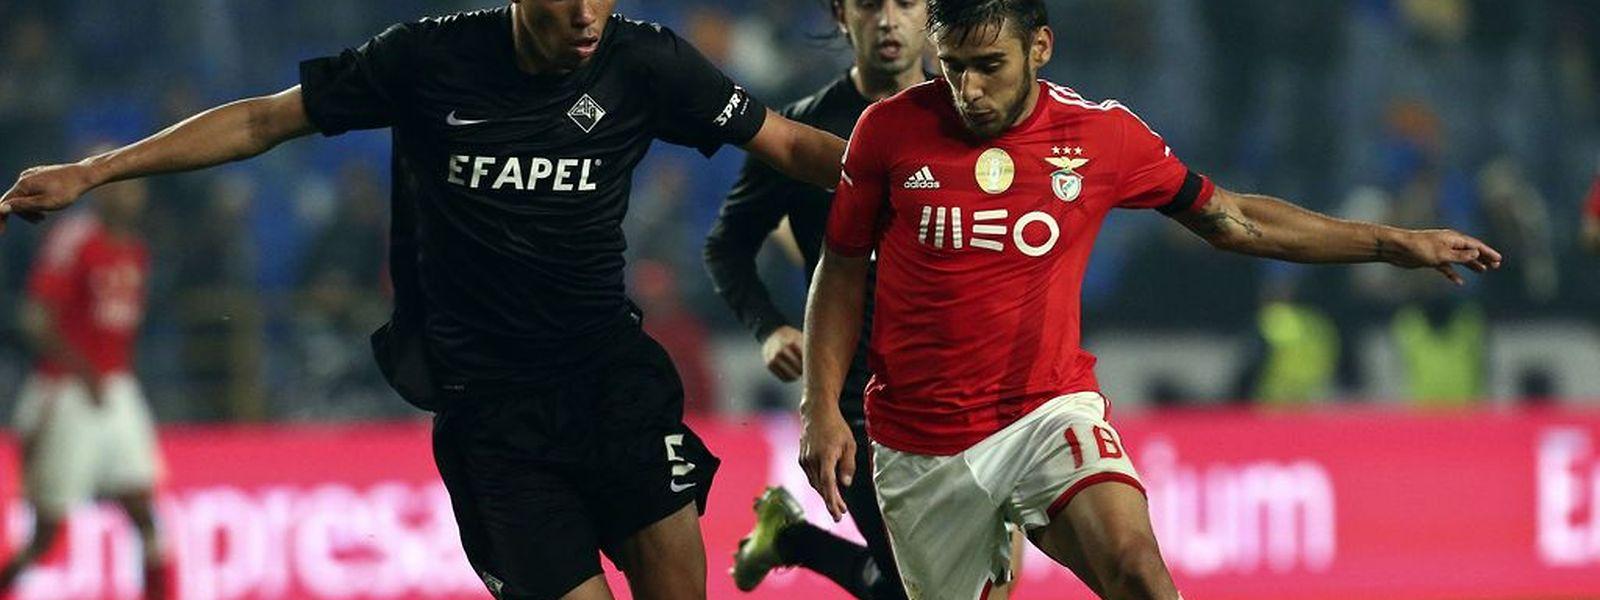 O Benfica conseguiu uma vitória fácil em Coimbra